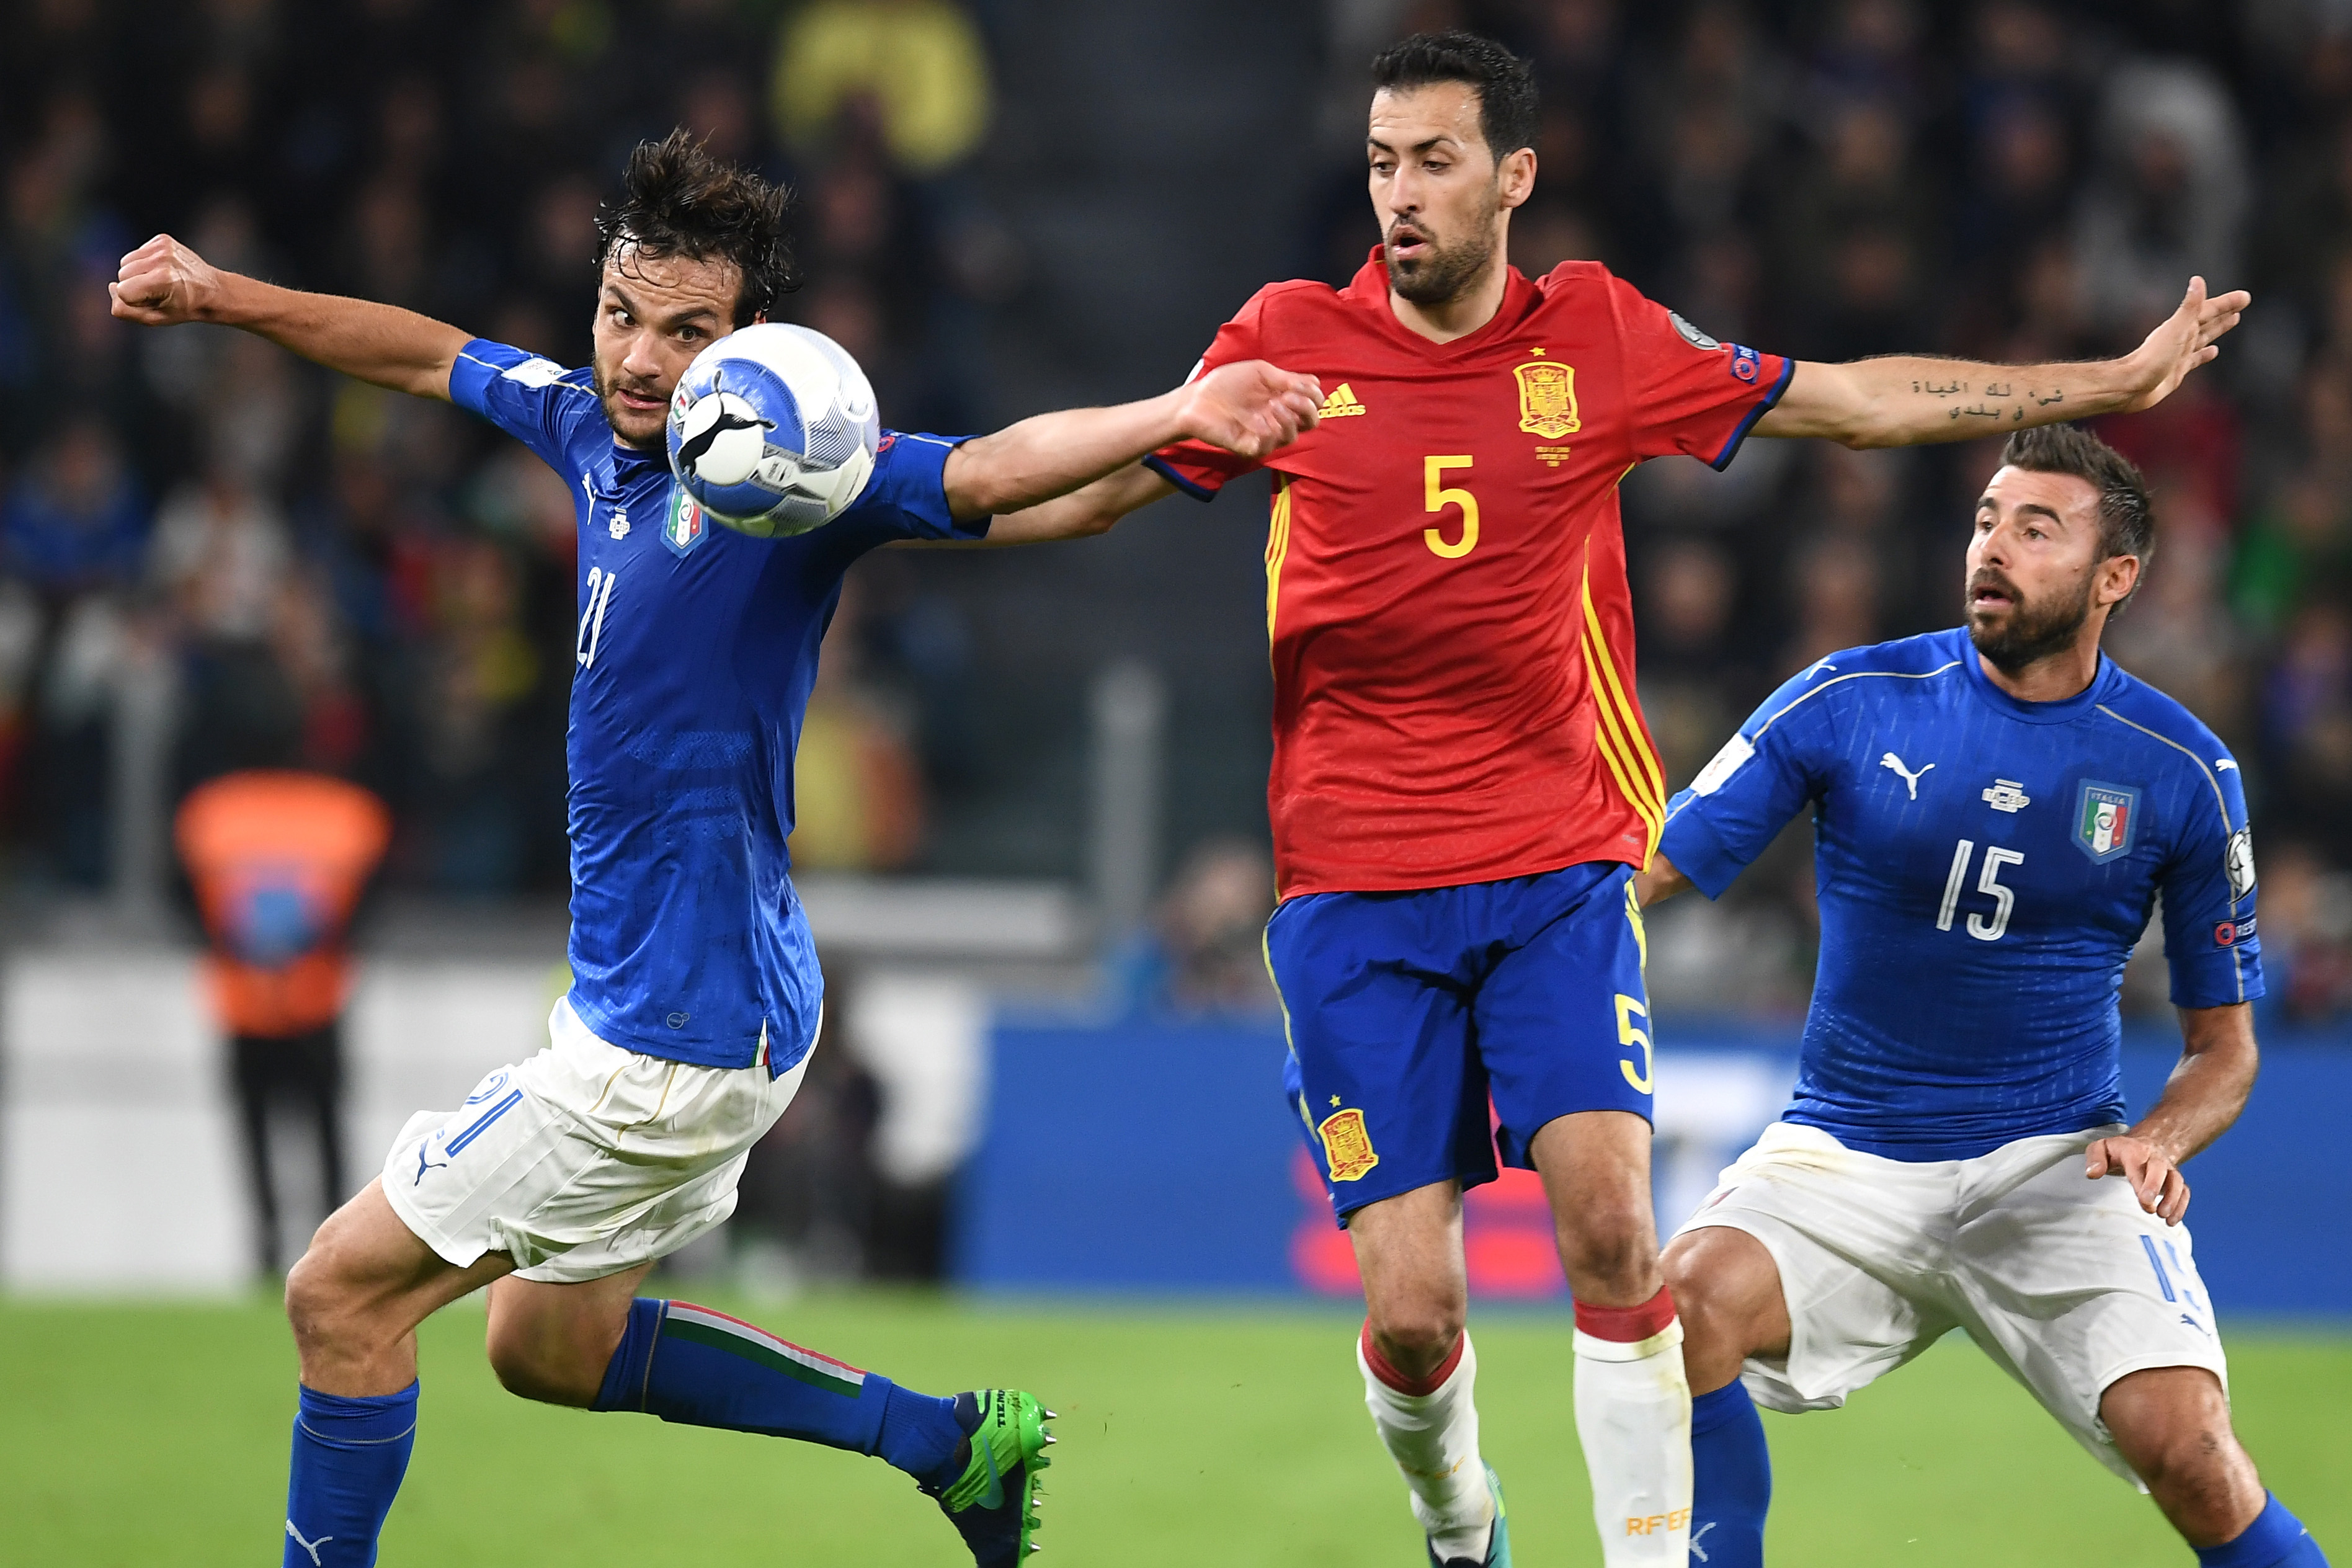 Qu attendre du choc entre l espagne et l italie russie 2018 coupe du monde football - Coupe du monde 2018 football ...